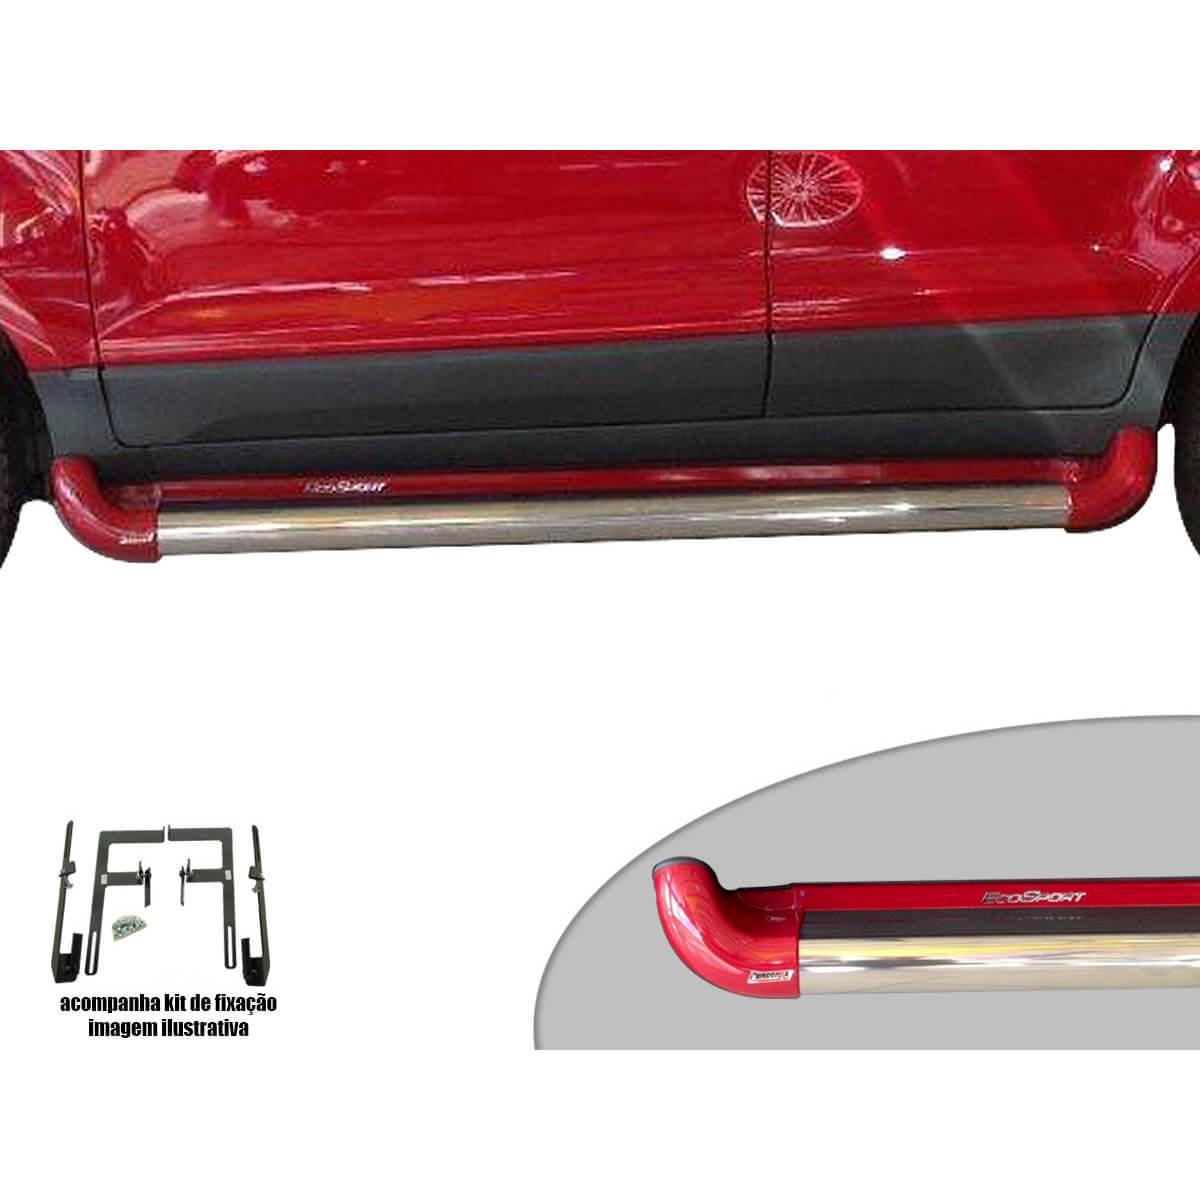 Estribo Novo Ecosport 2013 a 2017 cor Vermelho Arpoador